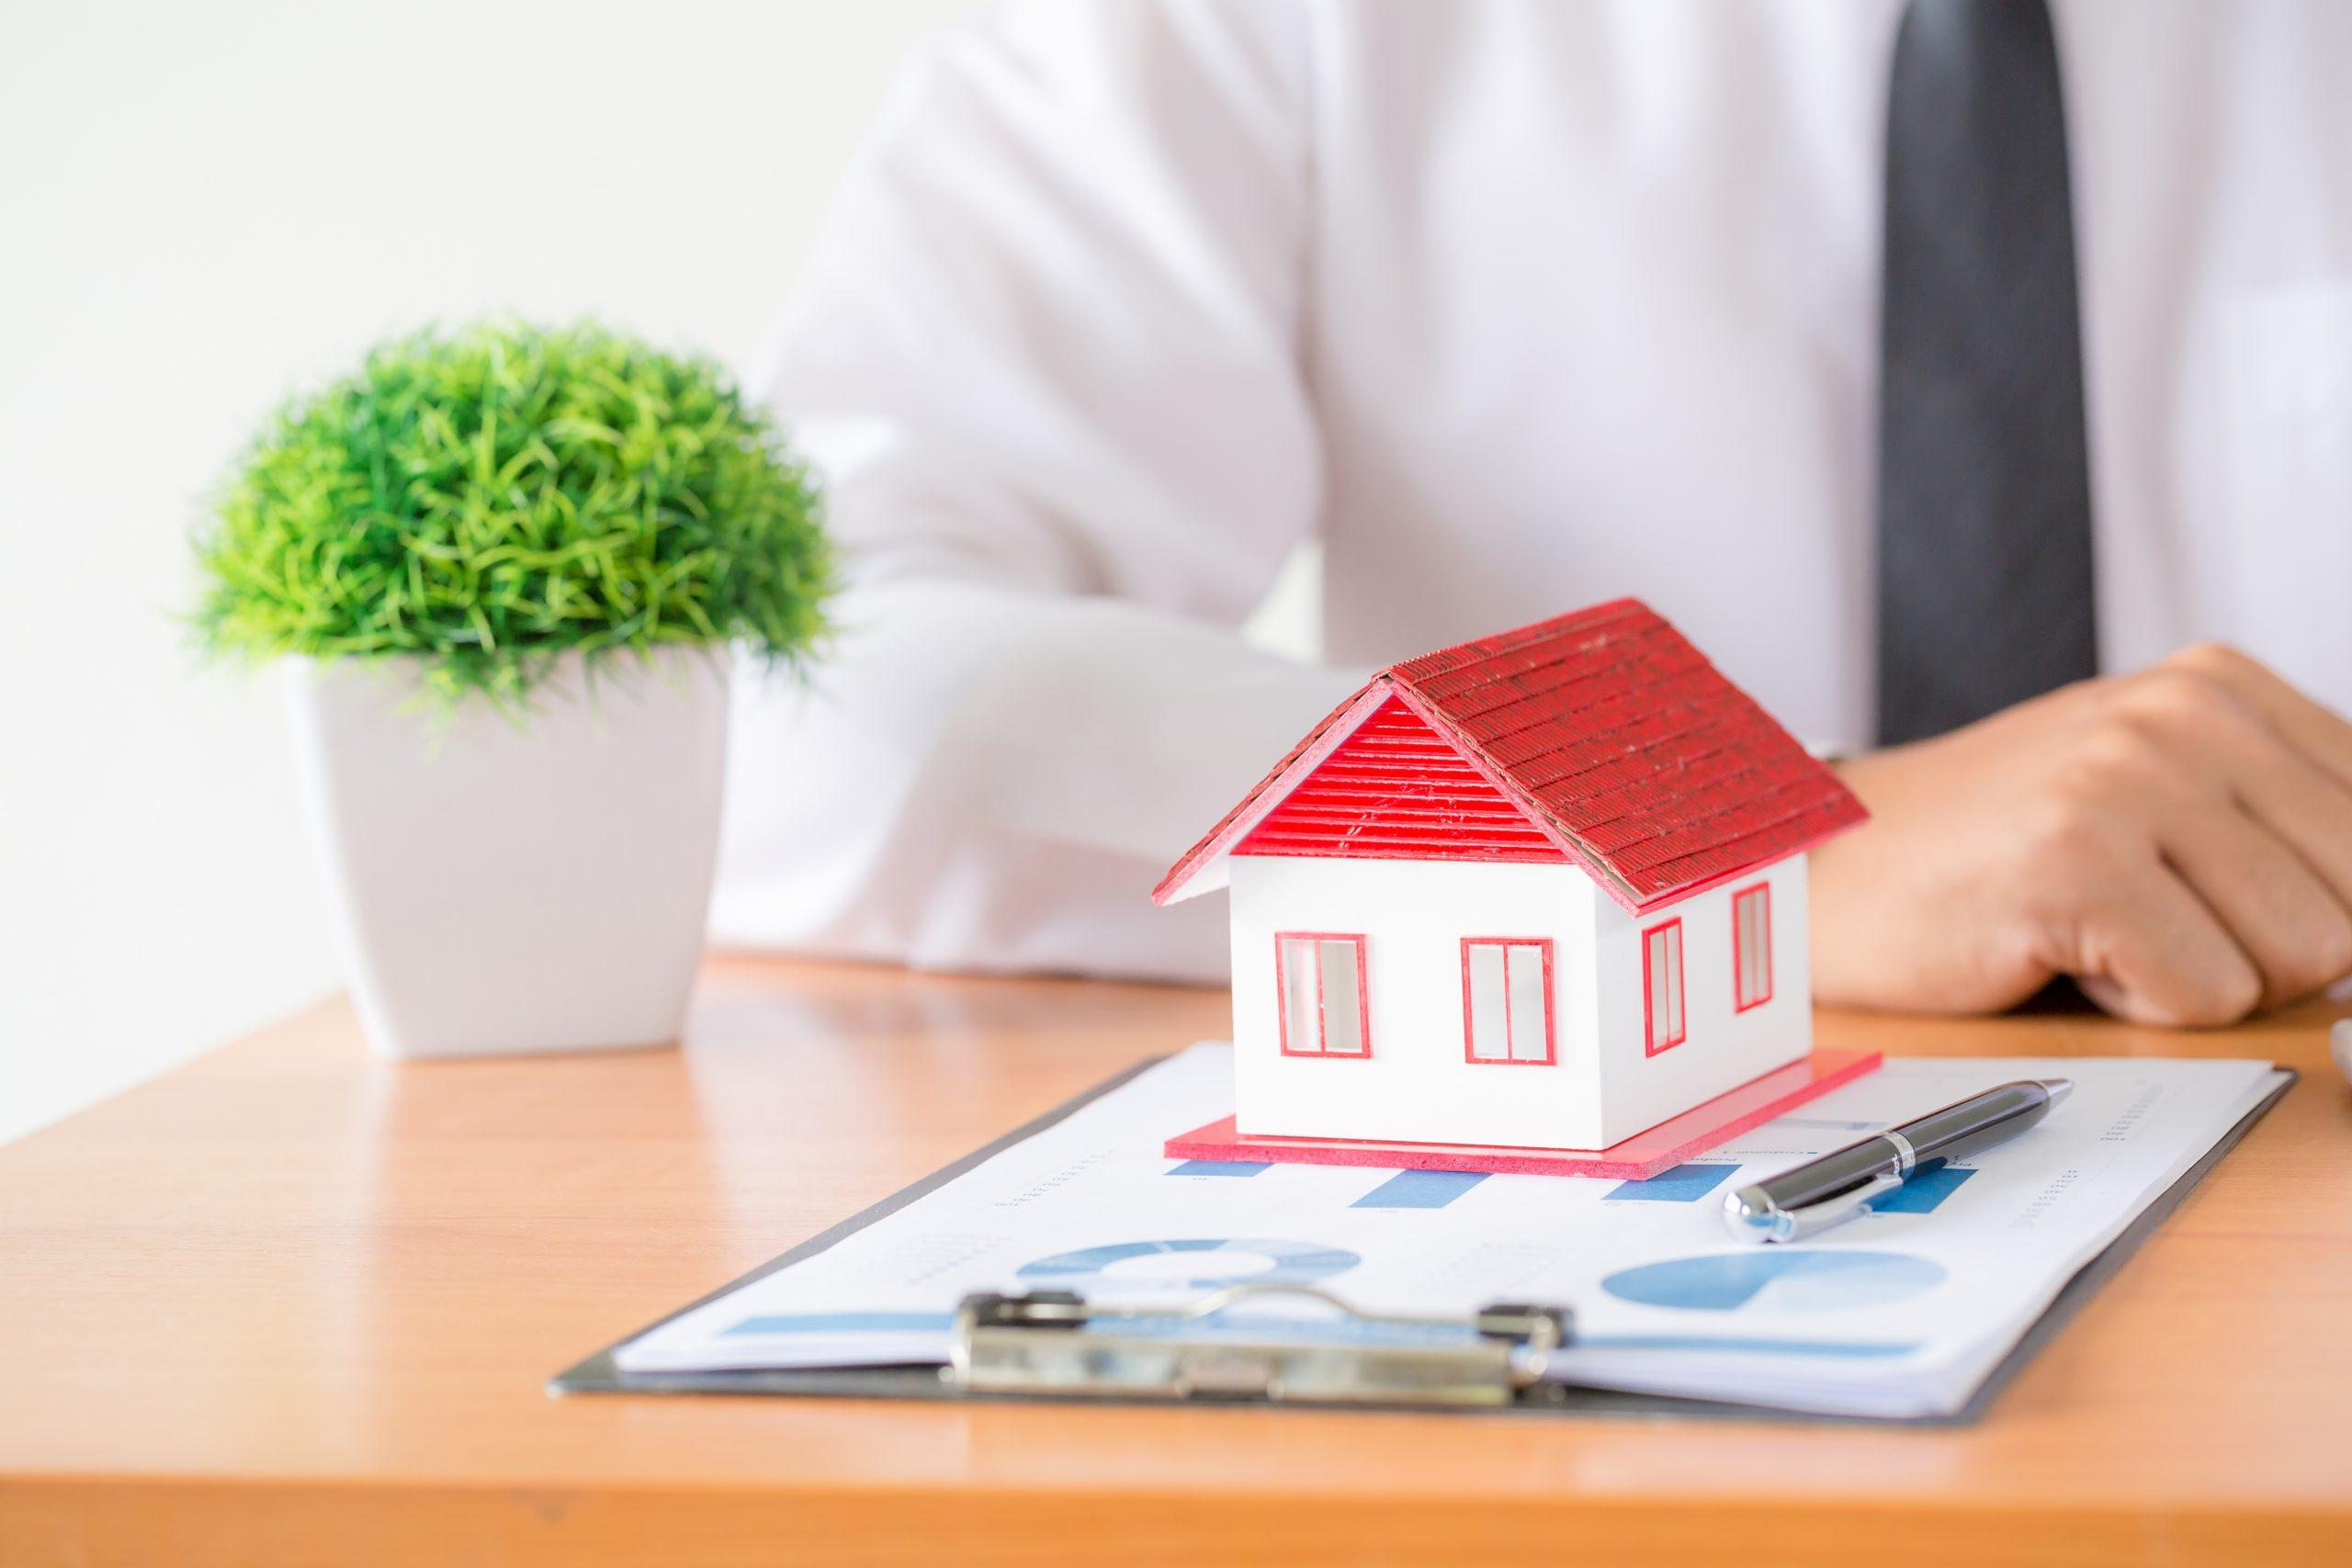 Empréstimo com Garantia de Imóvel: é uma boa solução para empresas?